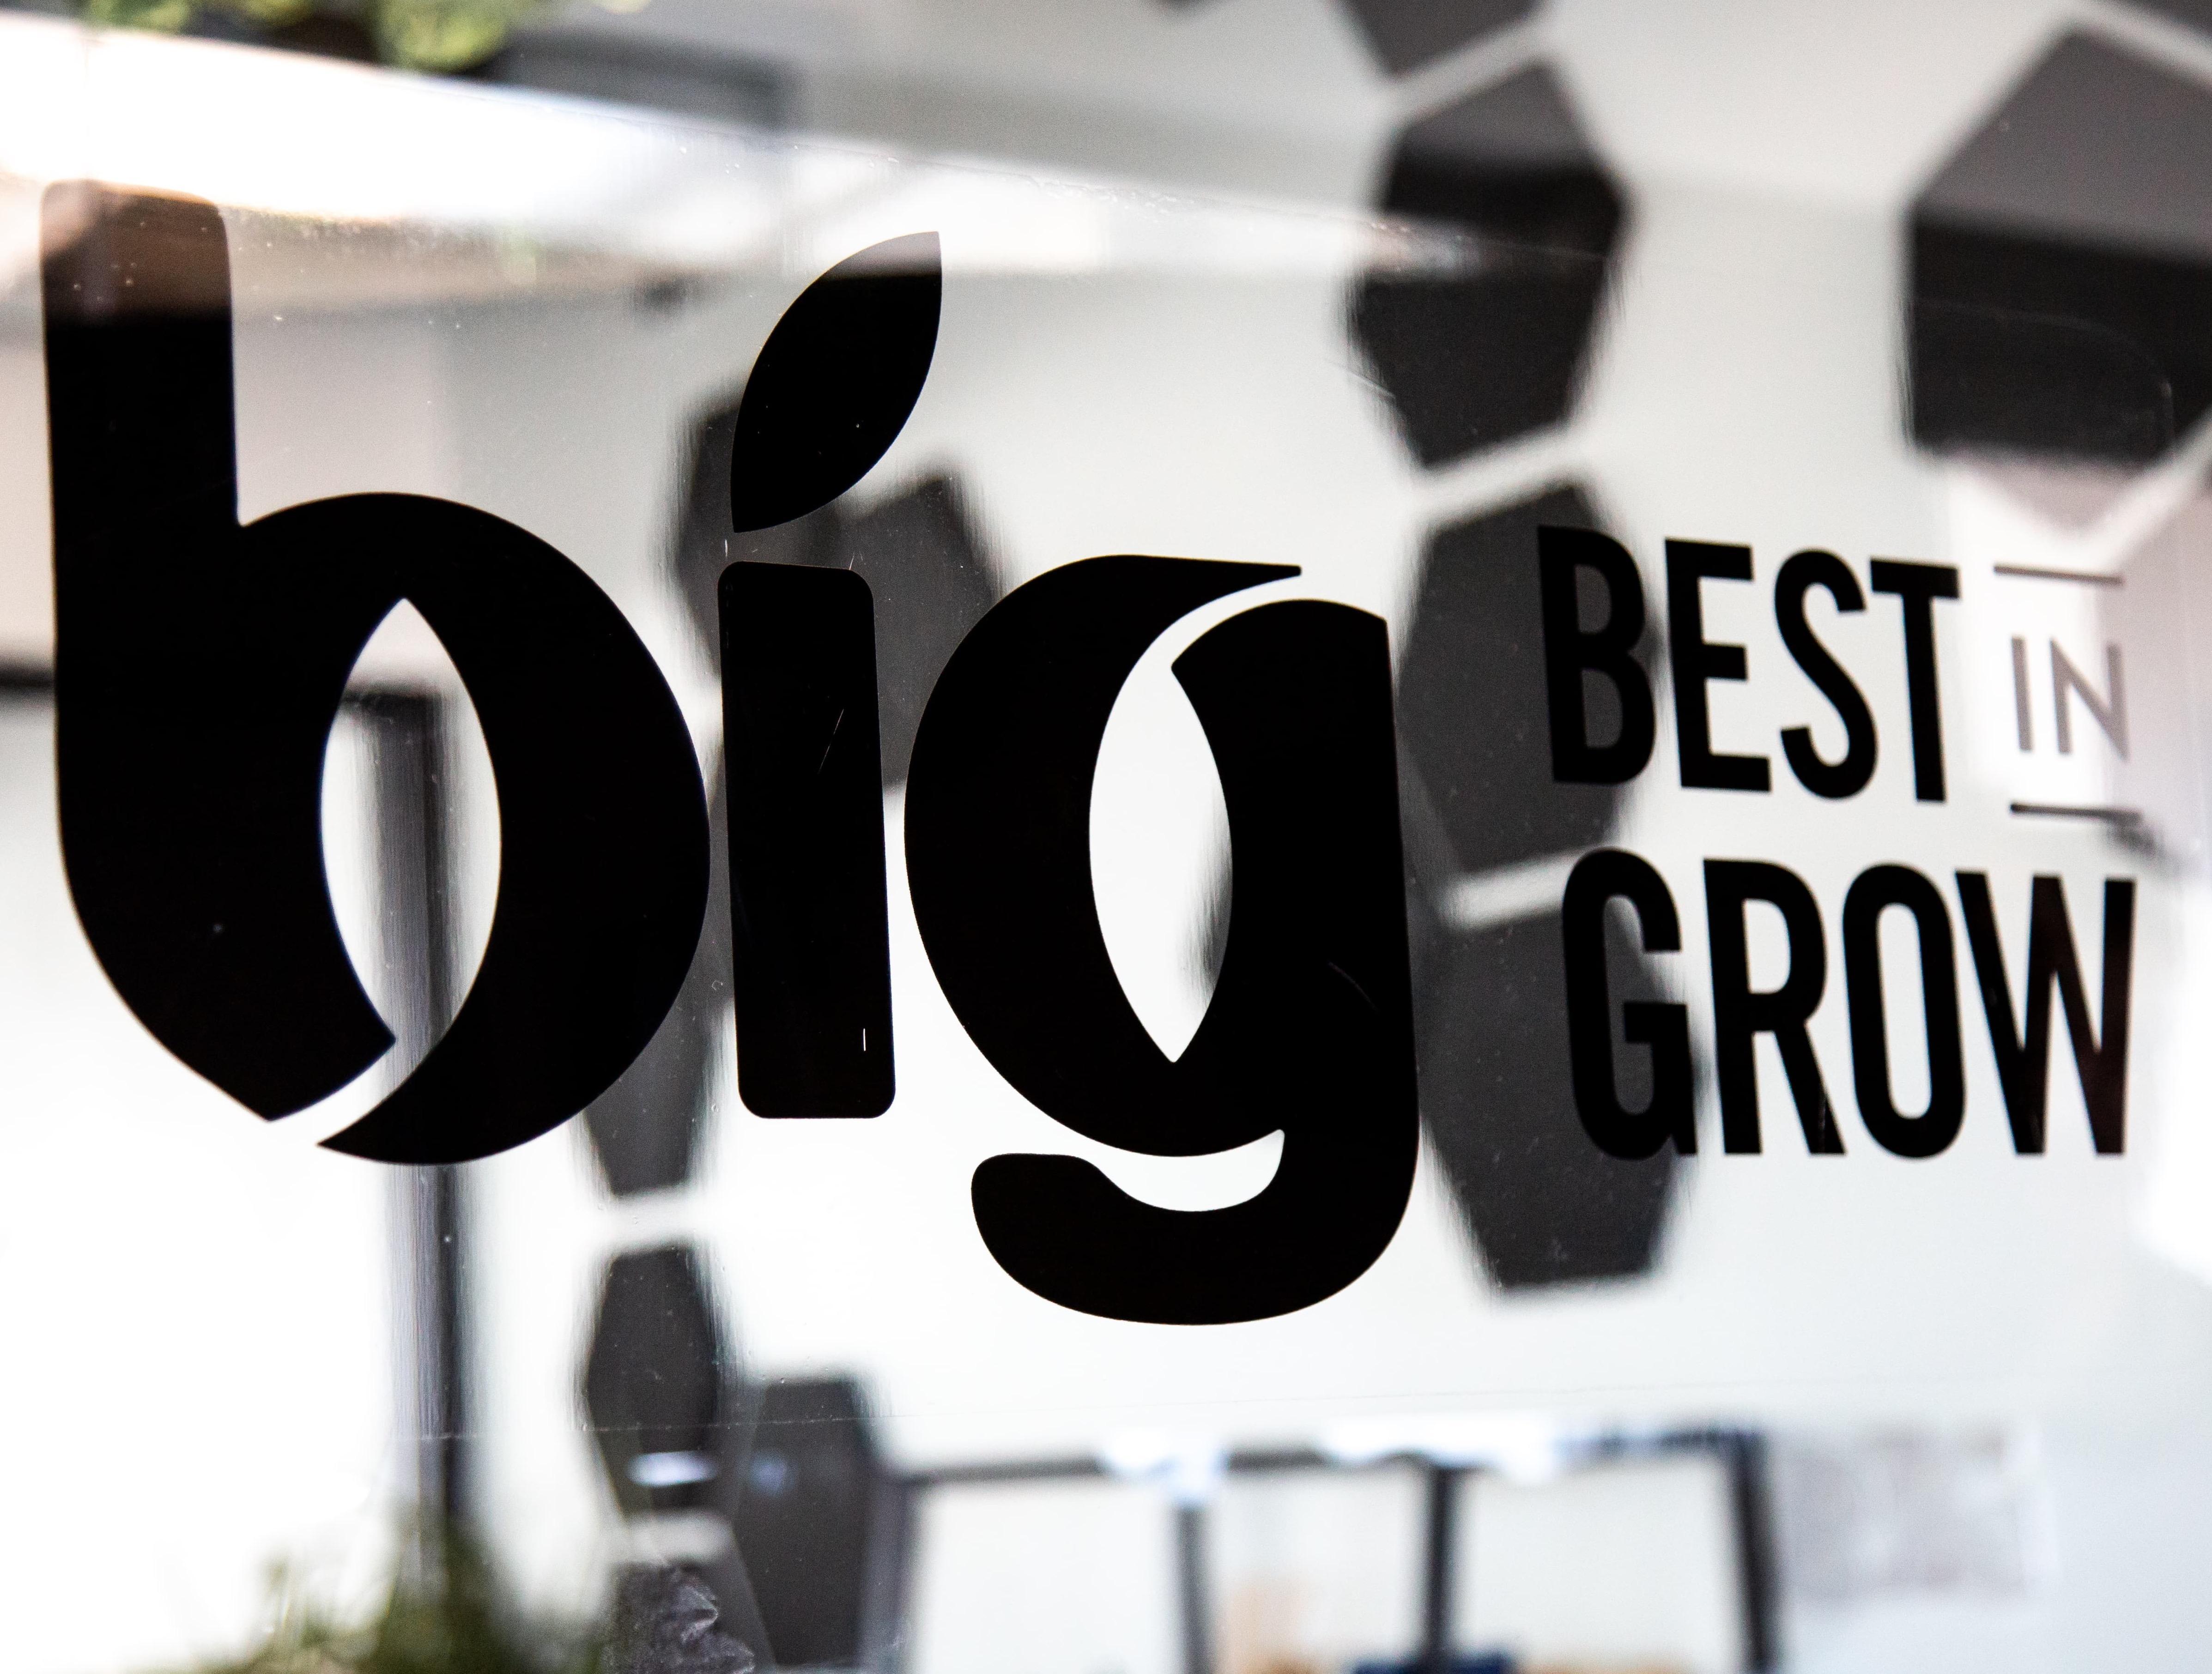 Best in Grow image 1